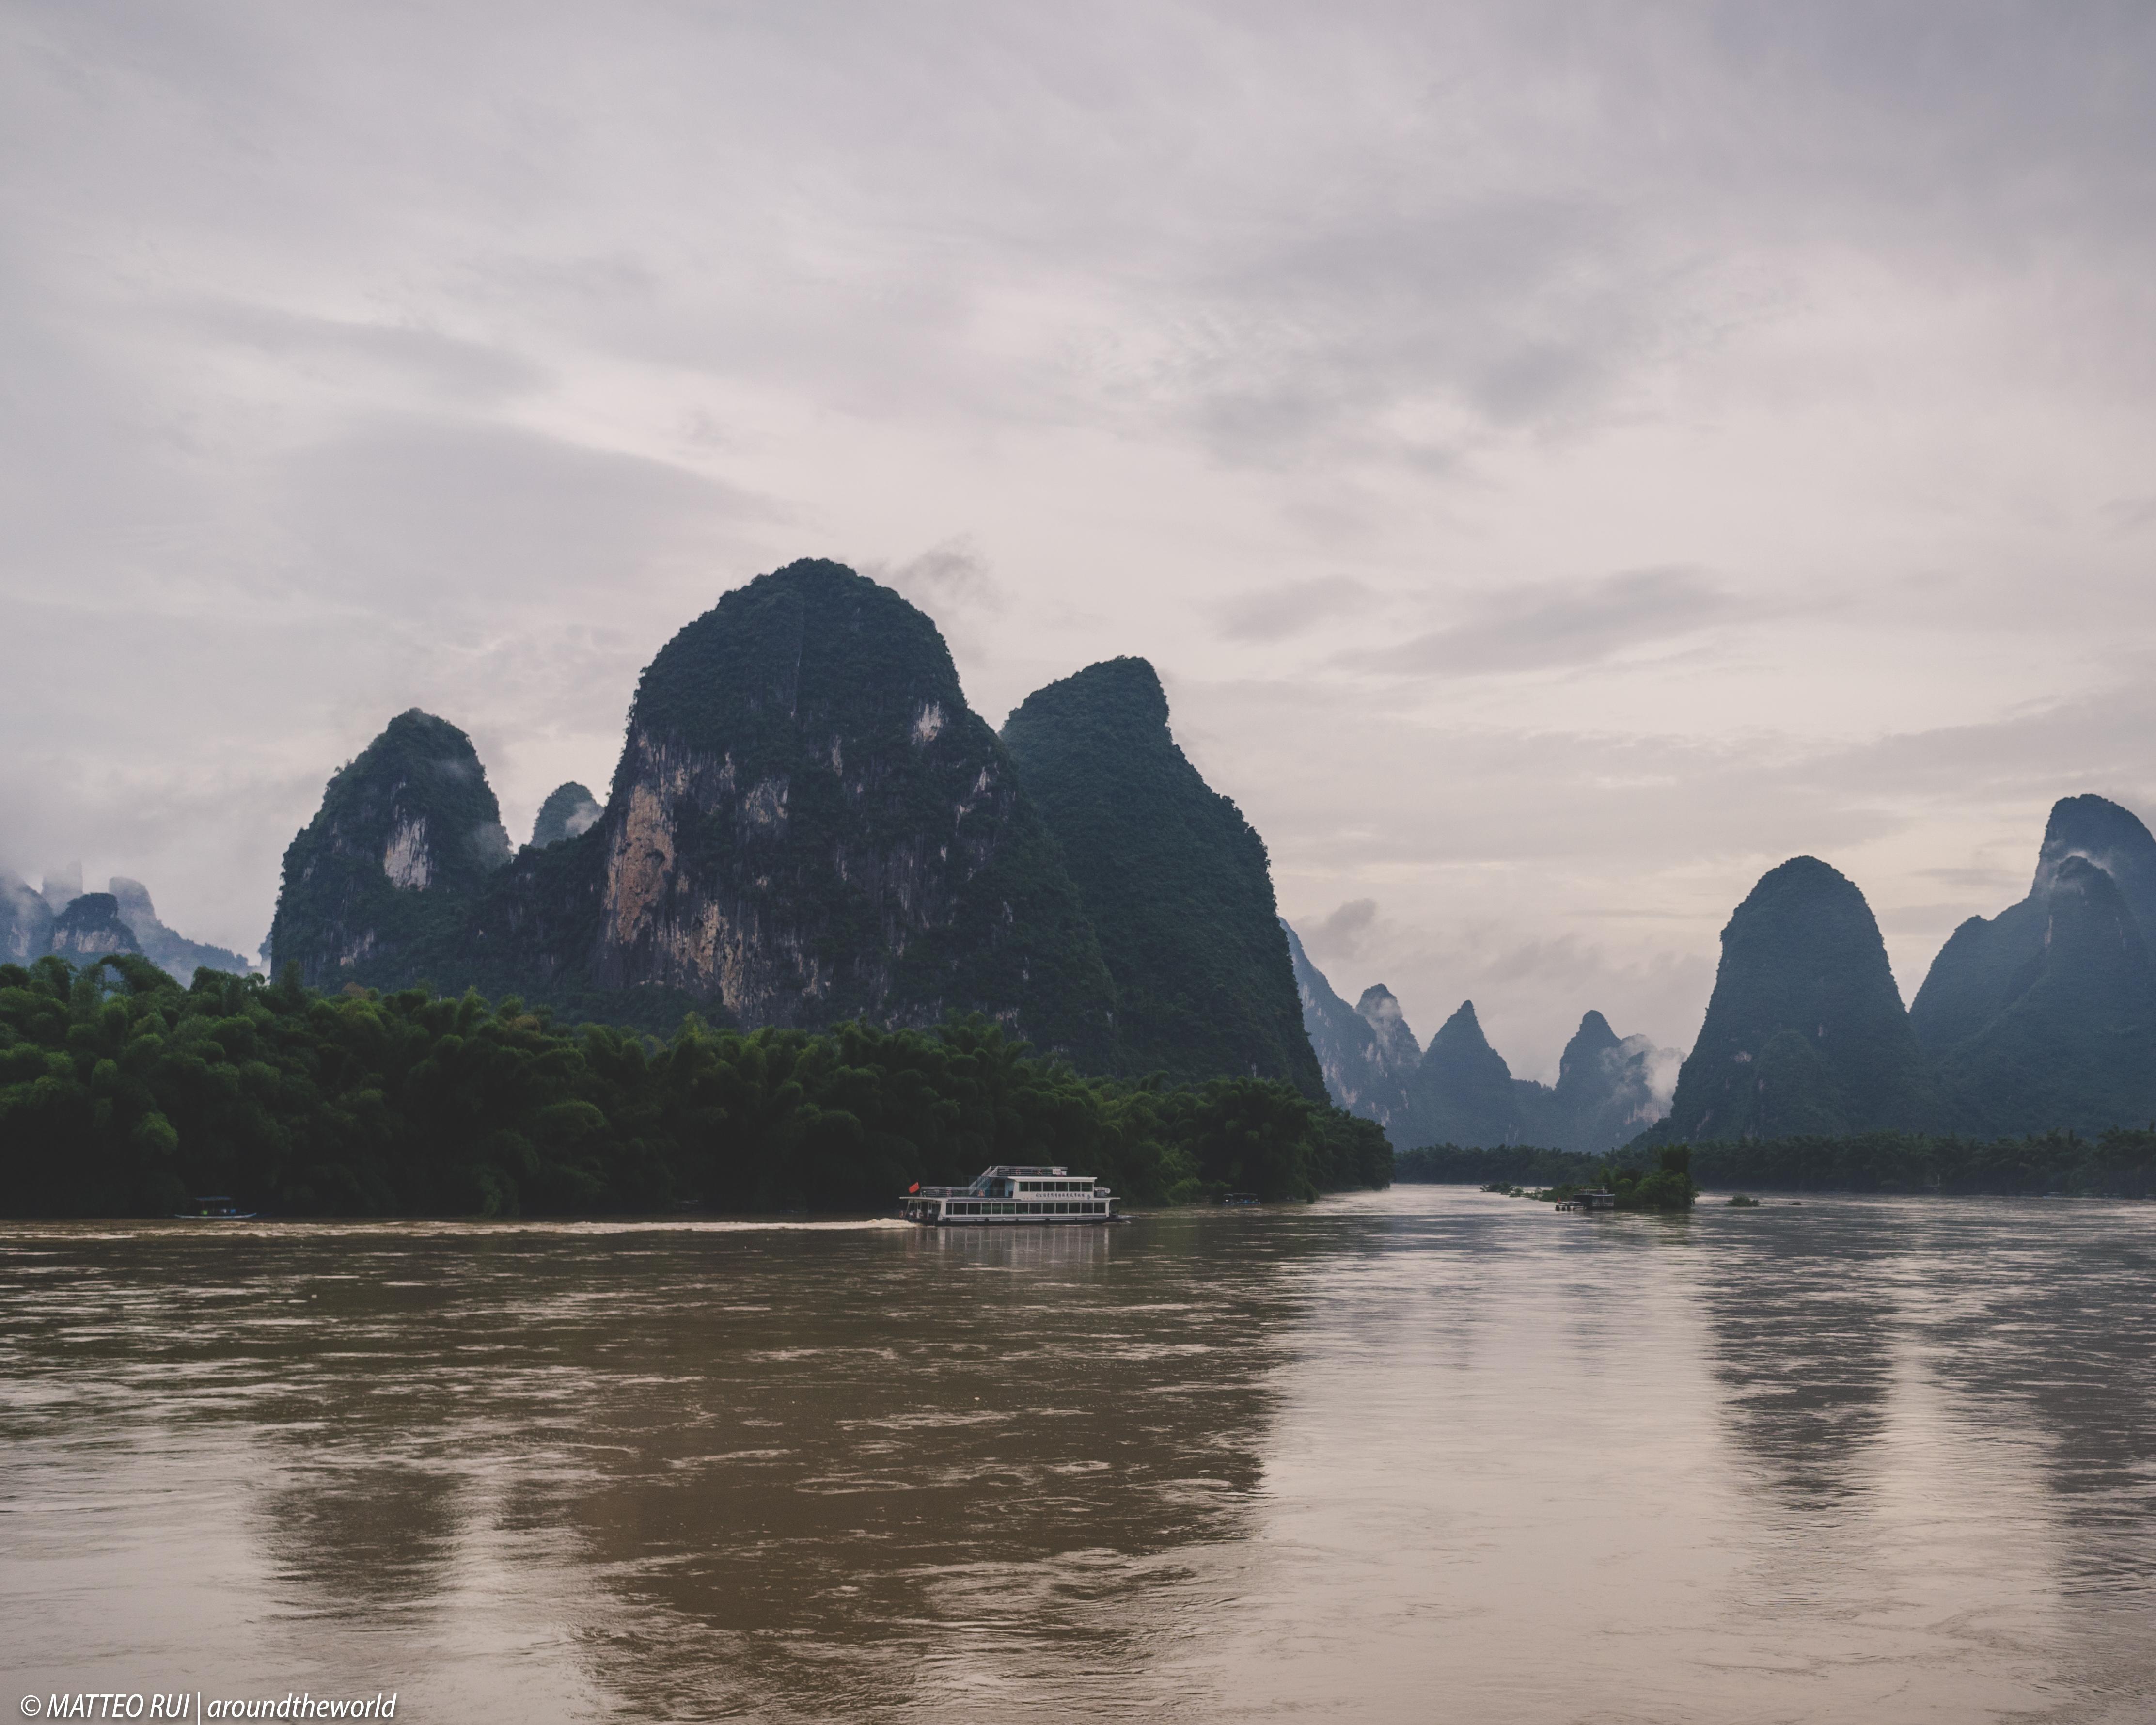 Fiumi di strade lungo il Li River